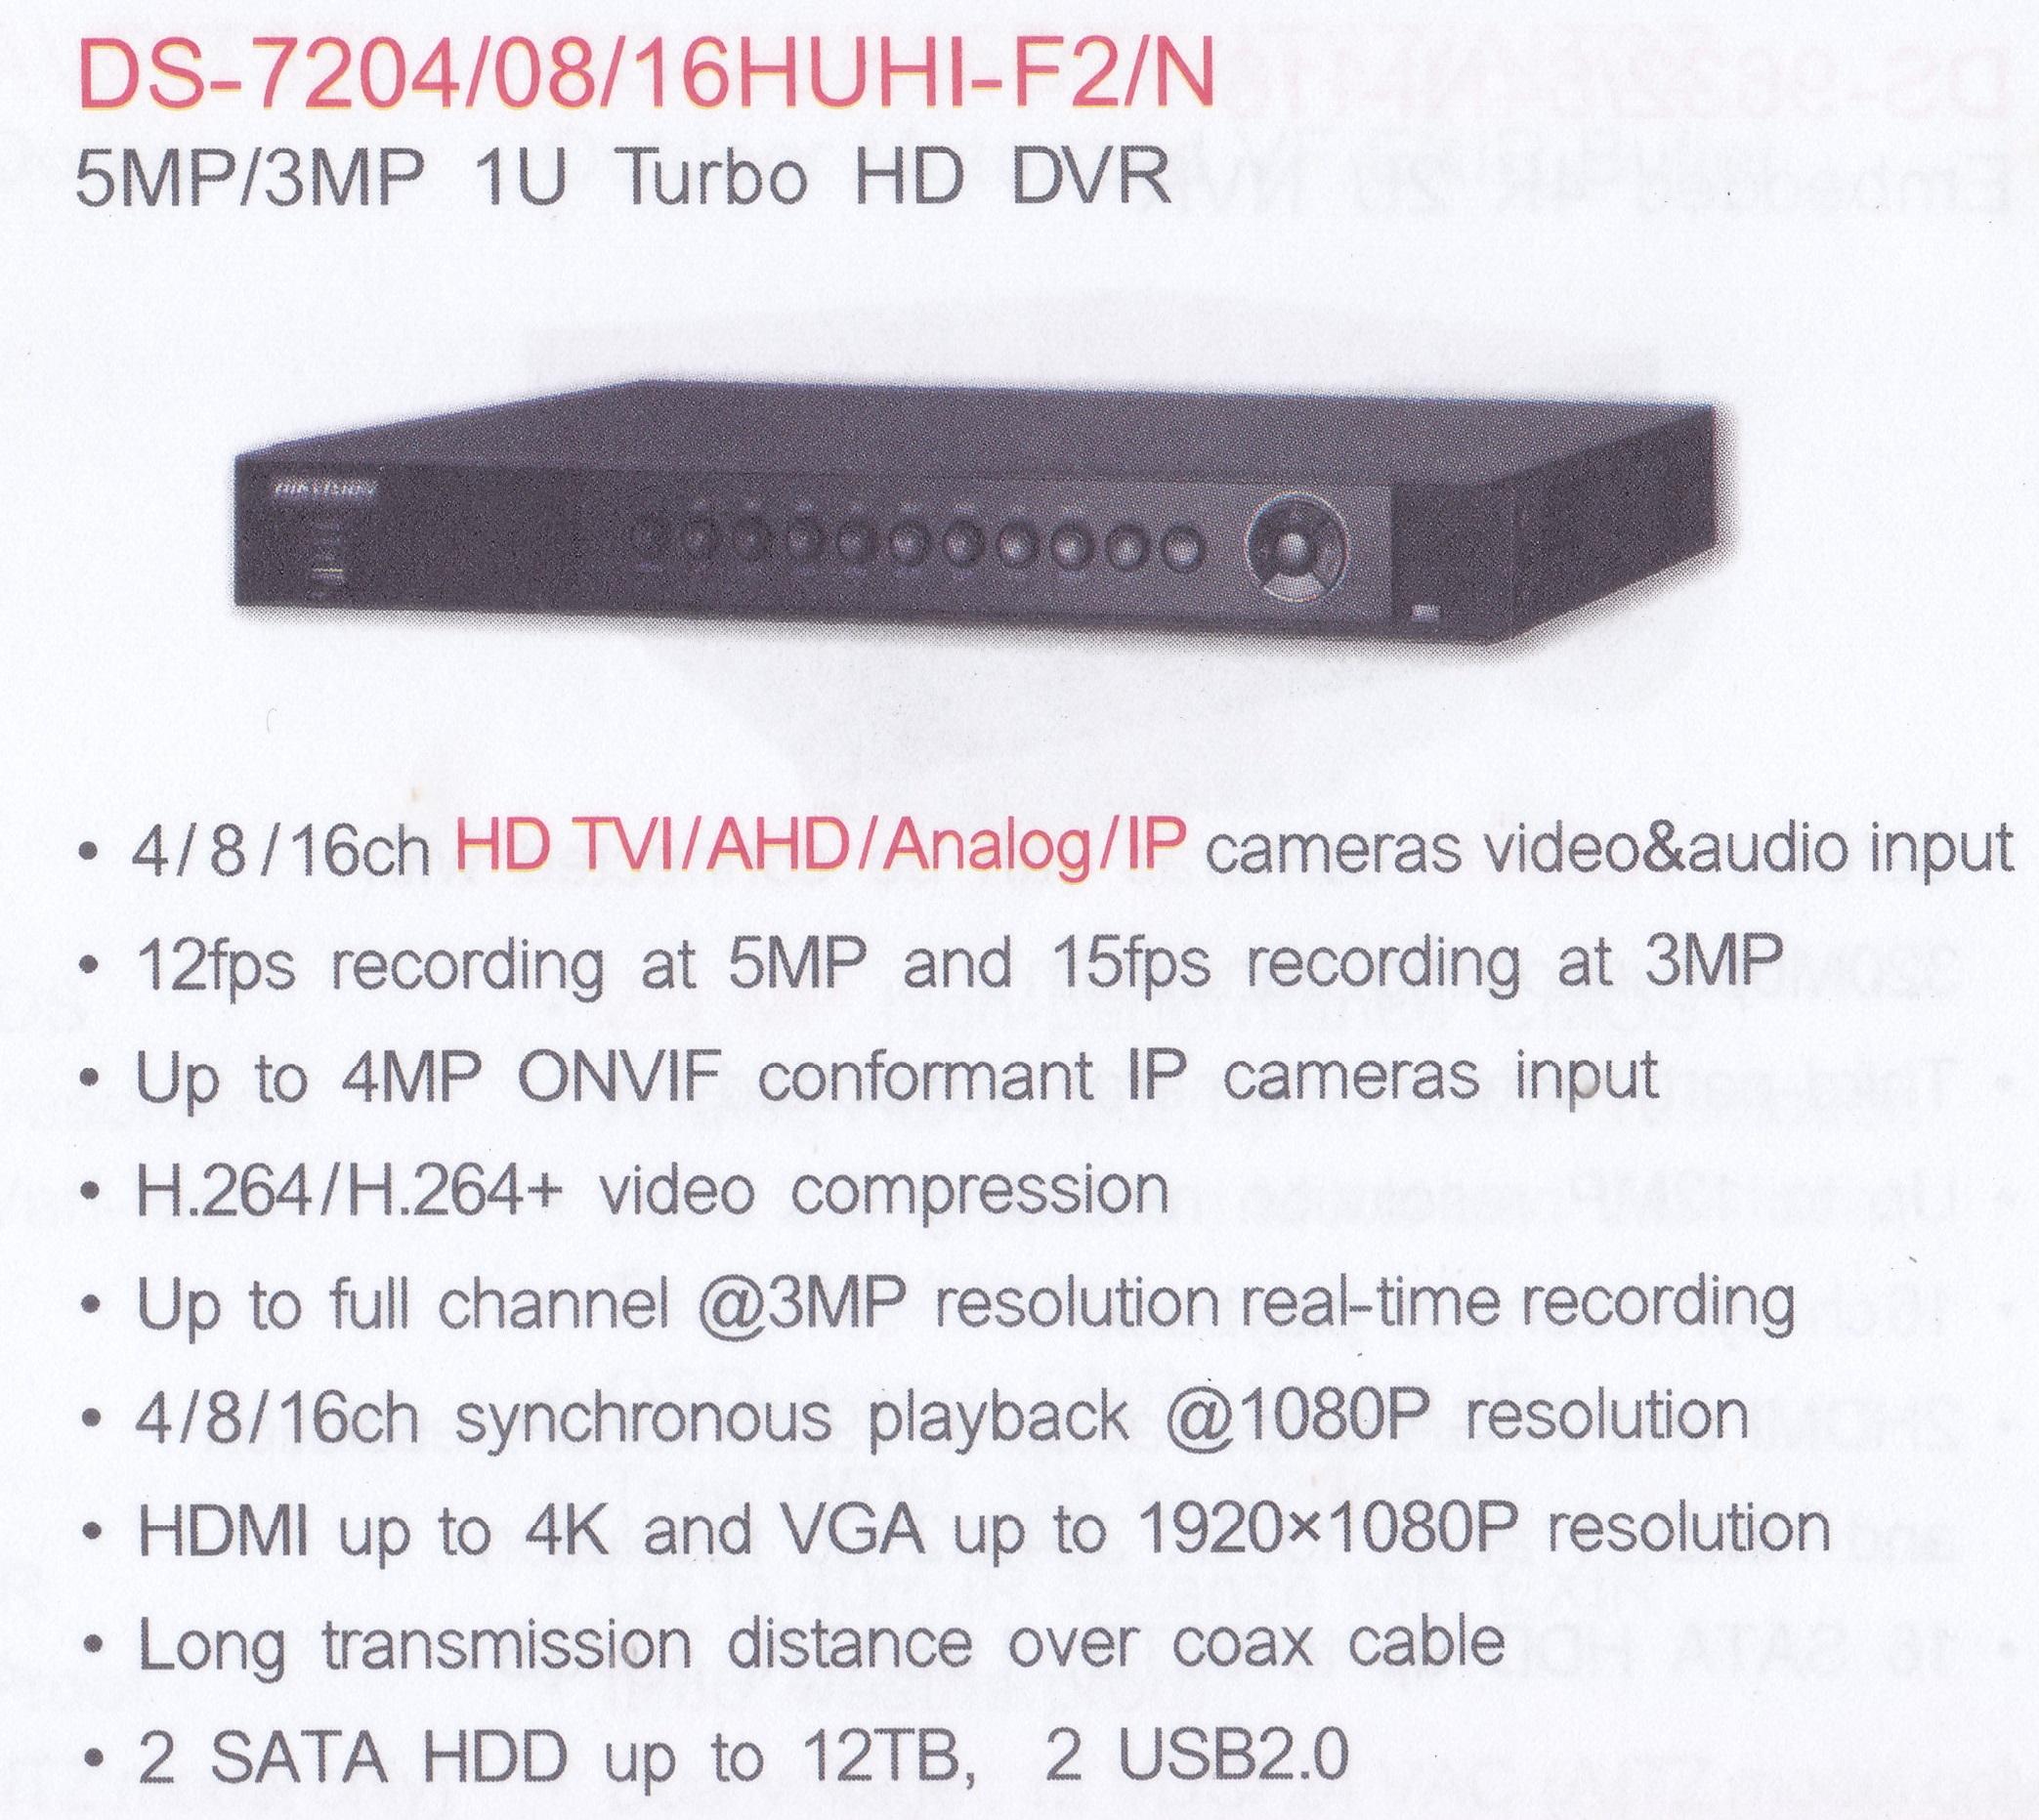 DS-7204 16HUHI-F2N